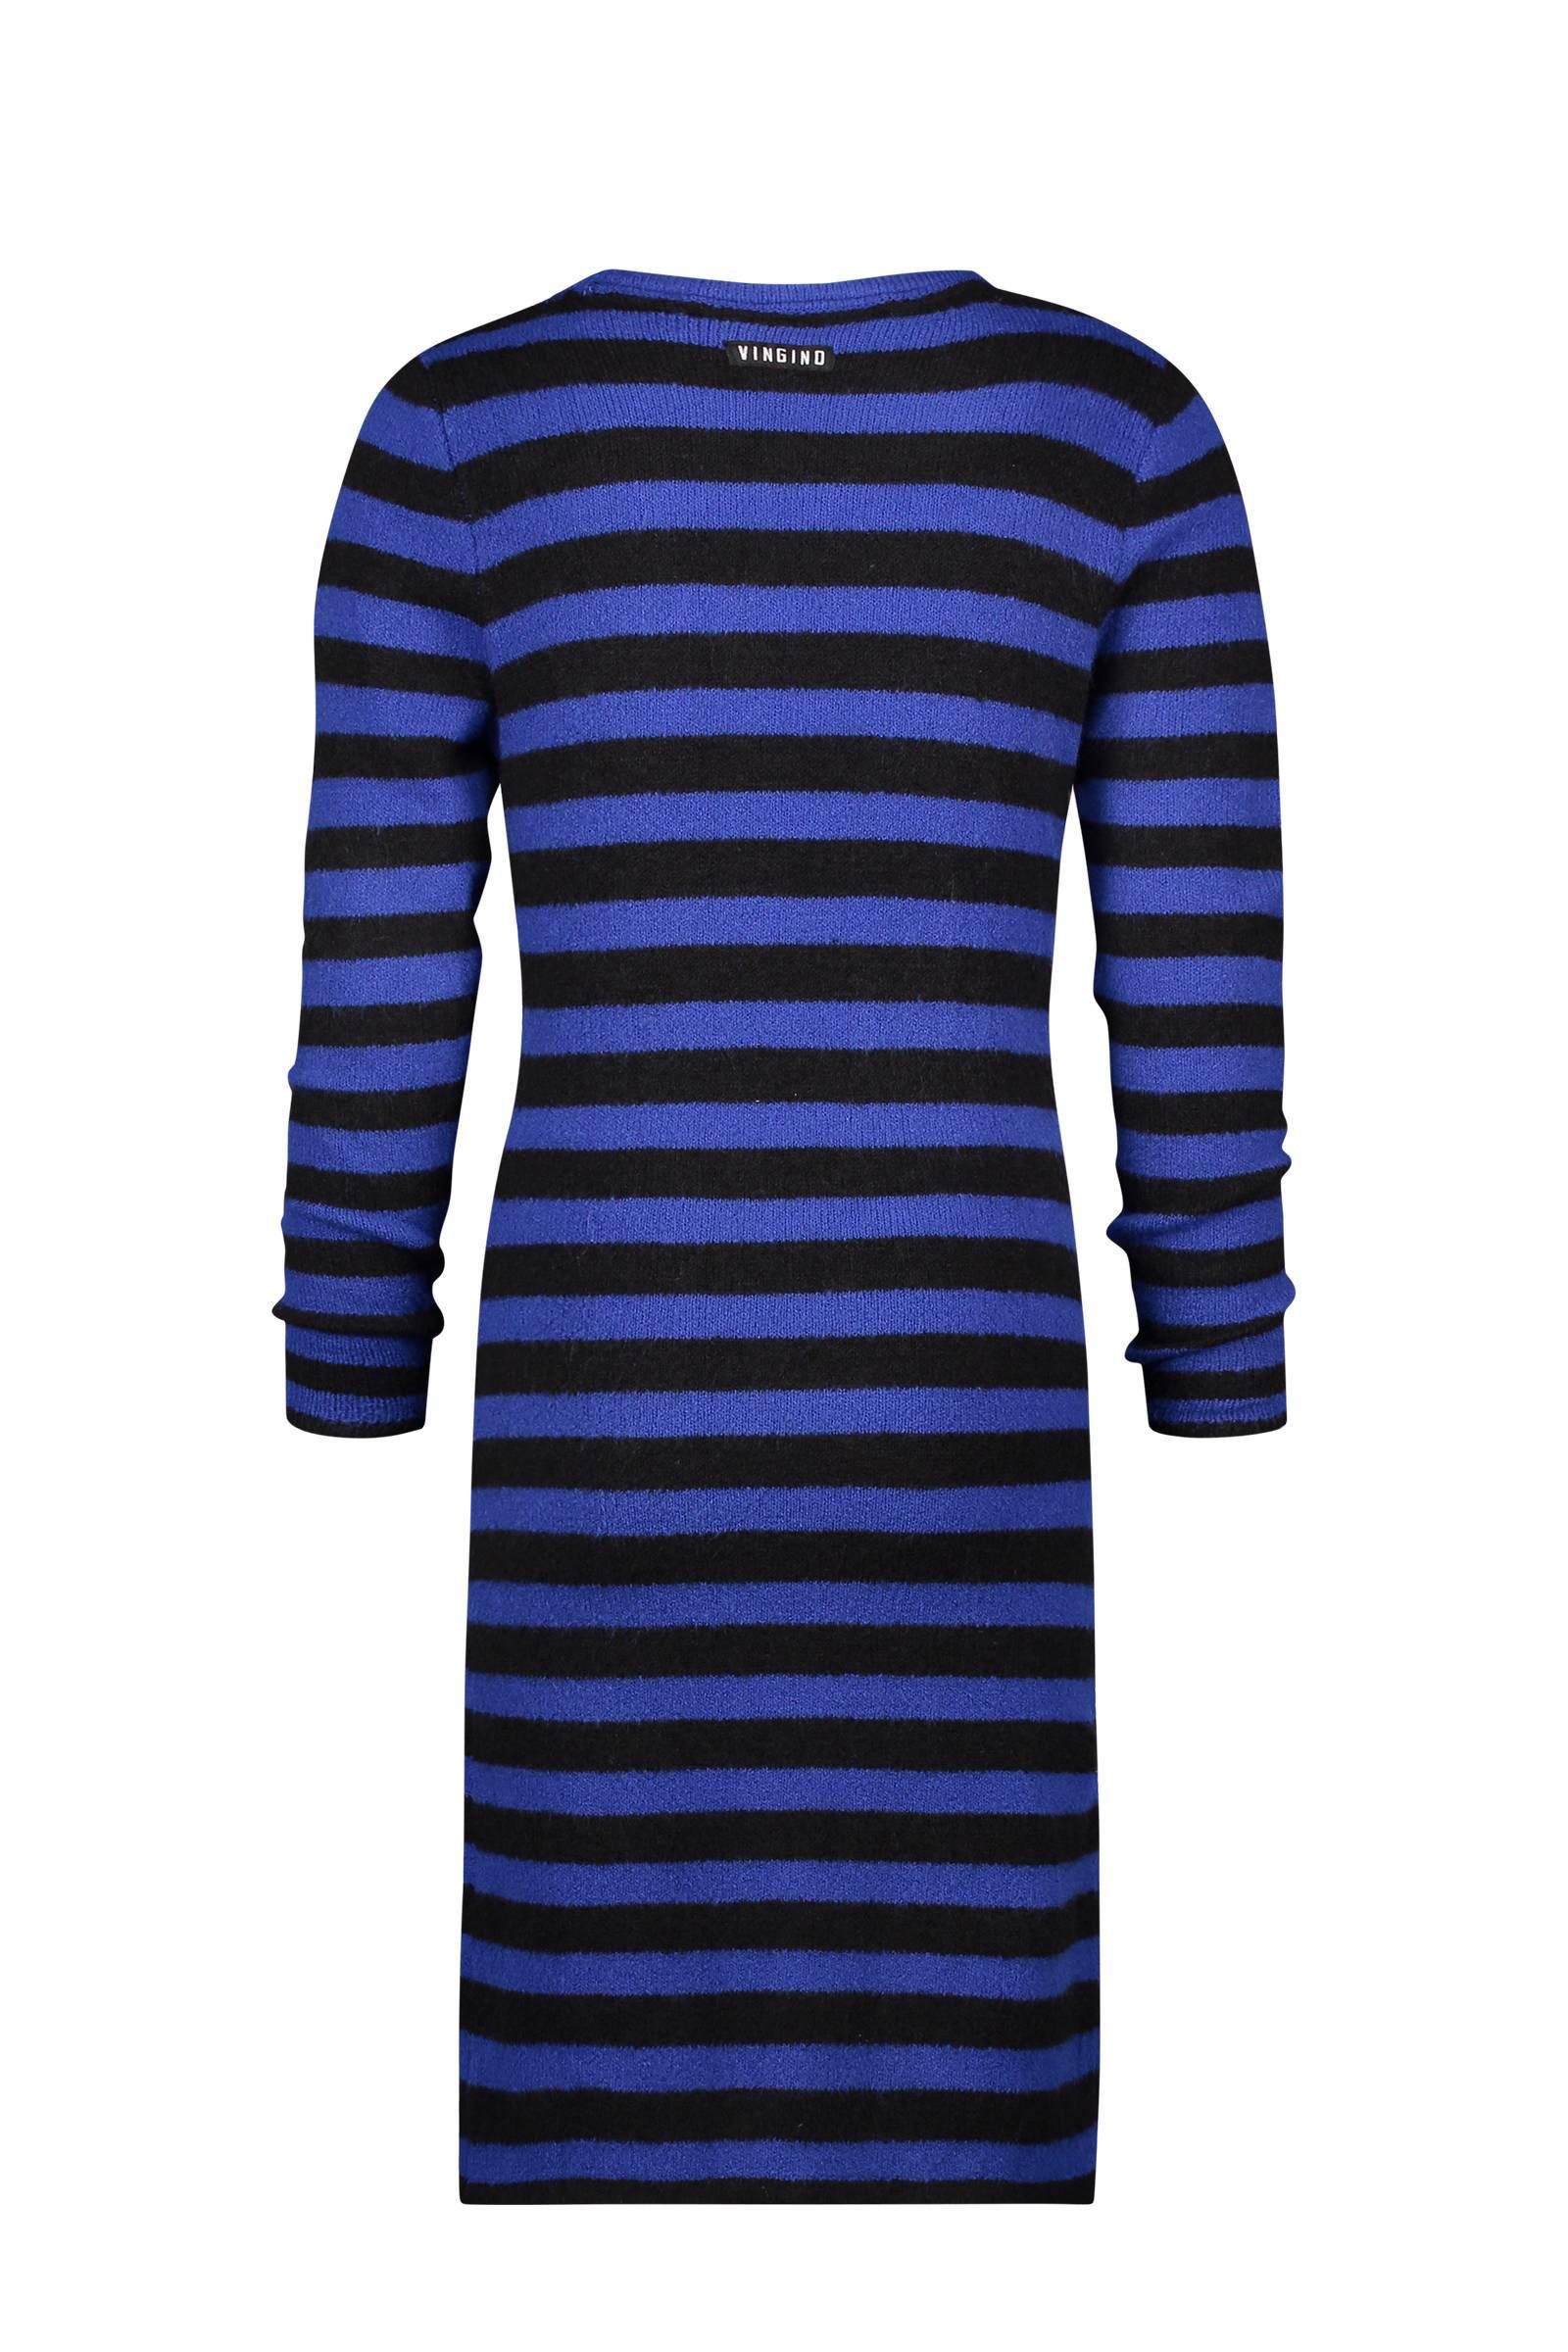 jurk blauw met zwart